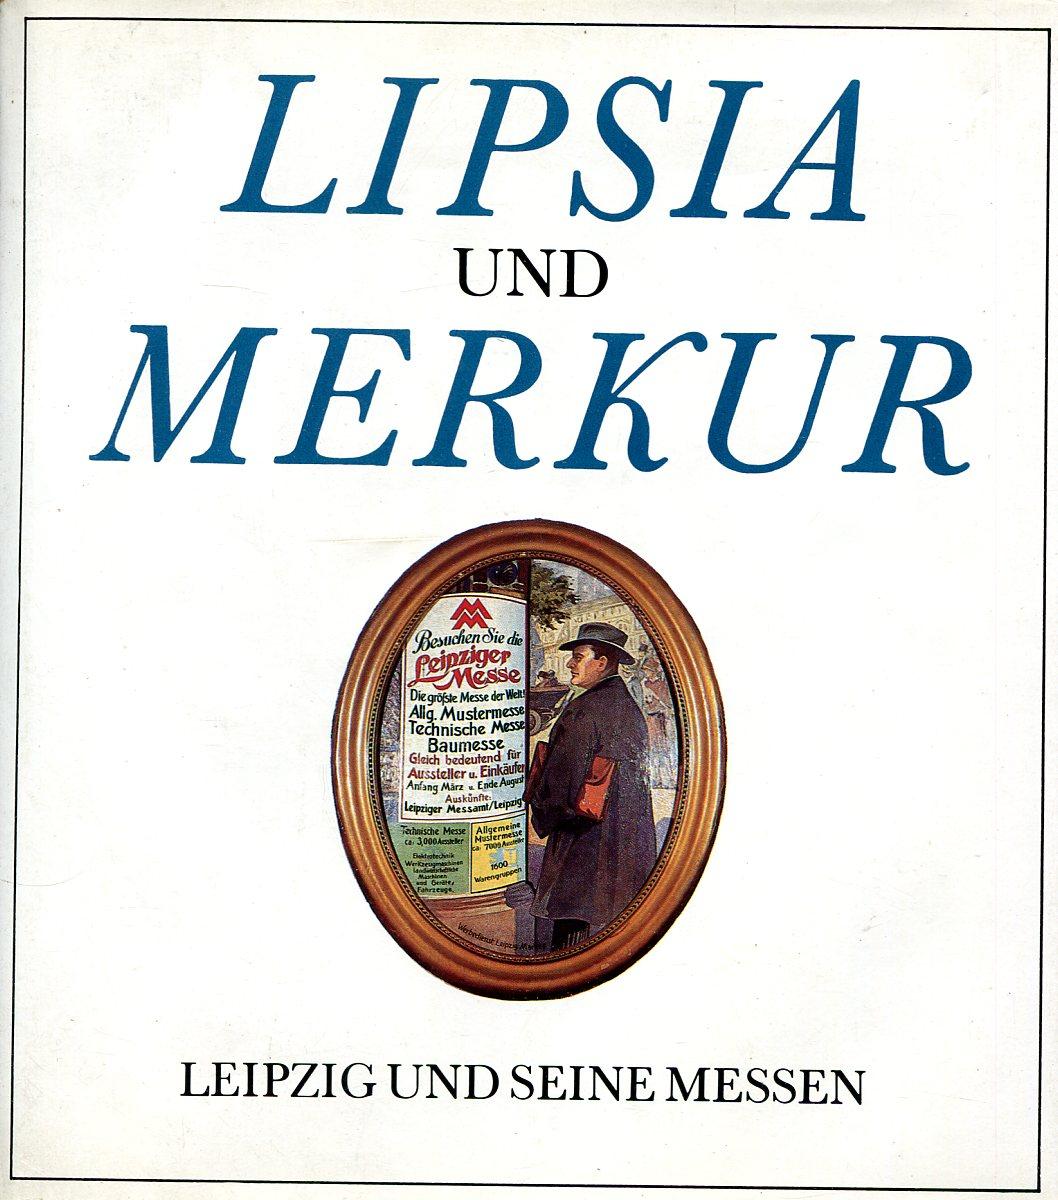 Klaus Metscher, Walter Fellmann Lipsia und Merkur - Leipzig und seine Messen. seeed leipzig